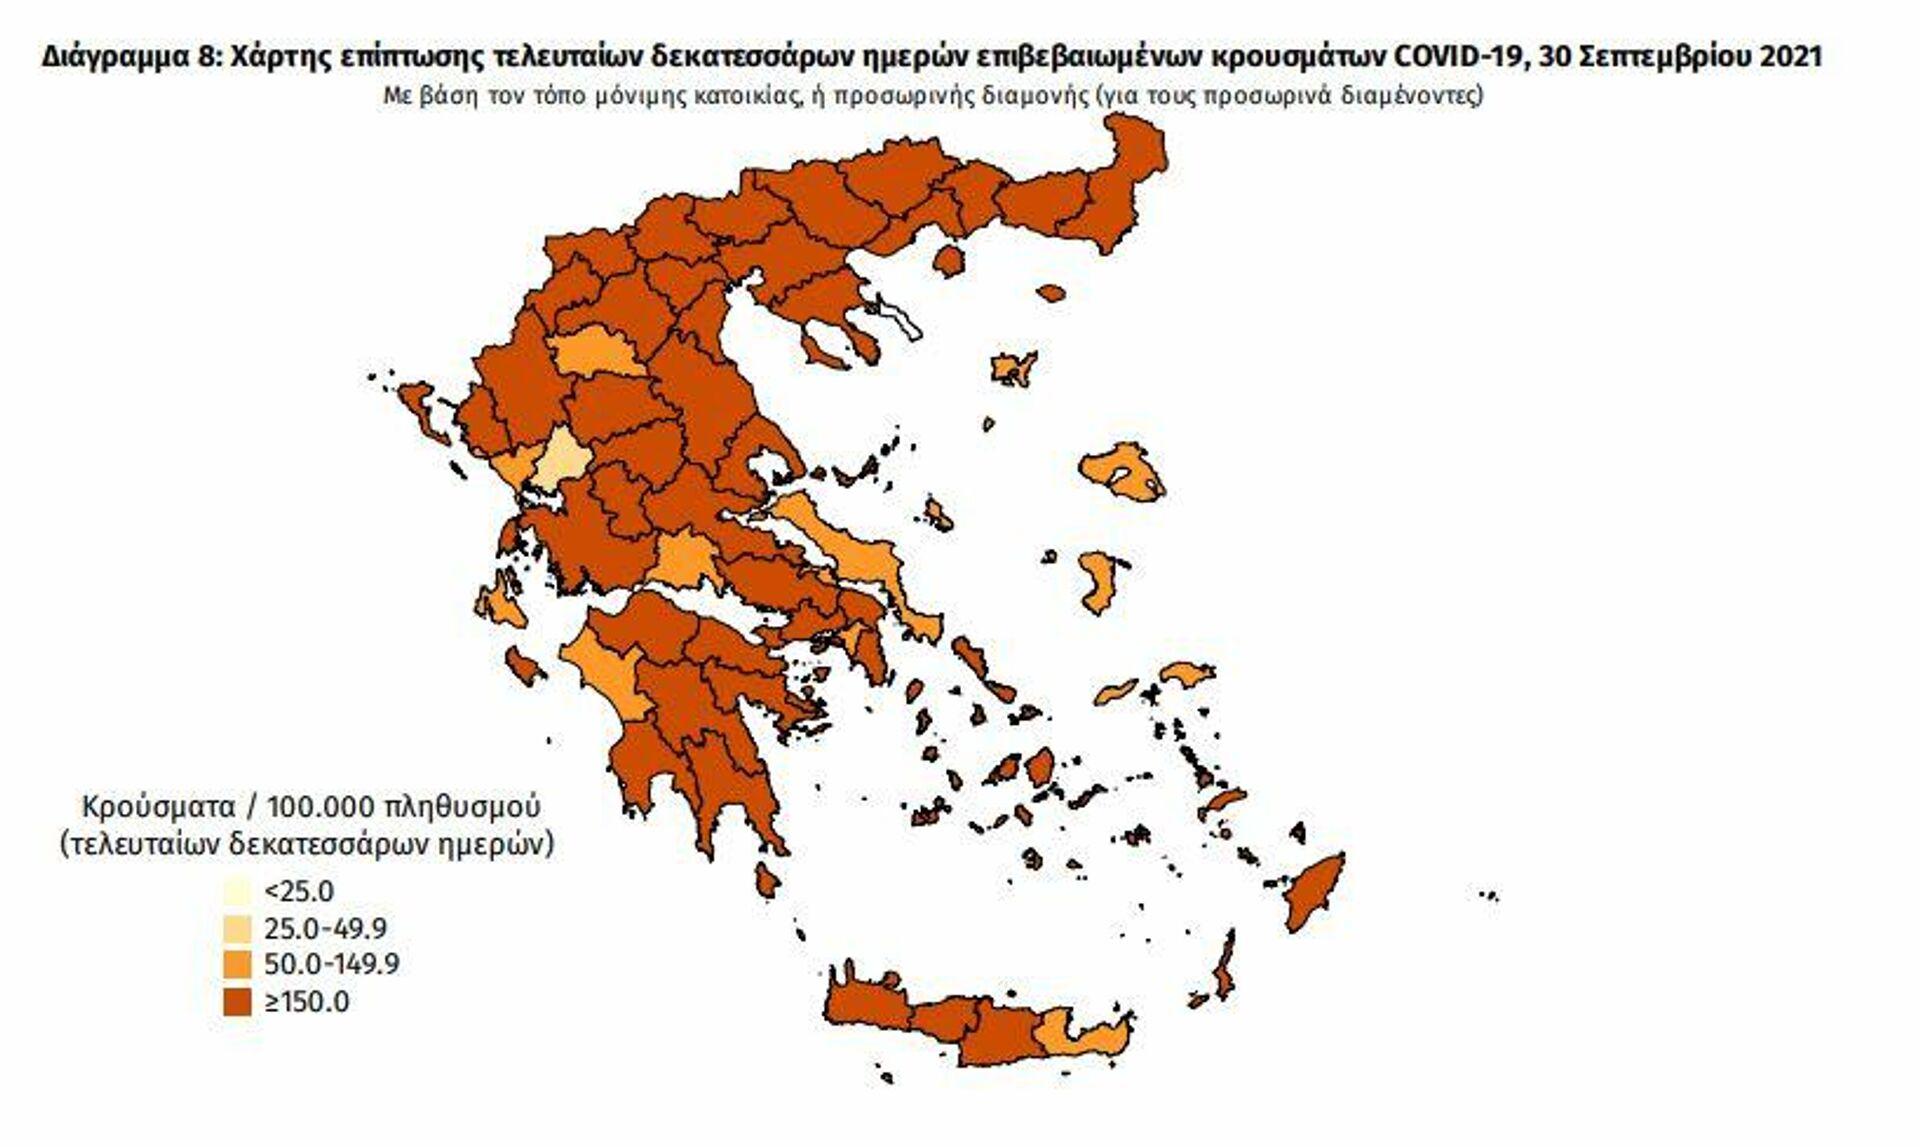 Χάρτης κορονοϊού, 30 Σεπτεμβρίου - Sputnik Ελλάδα, 1920, 30.09.2021